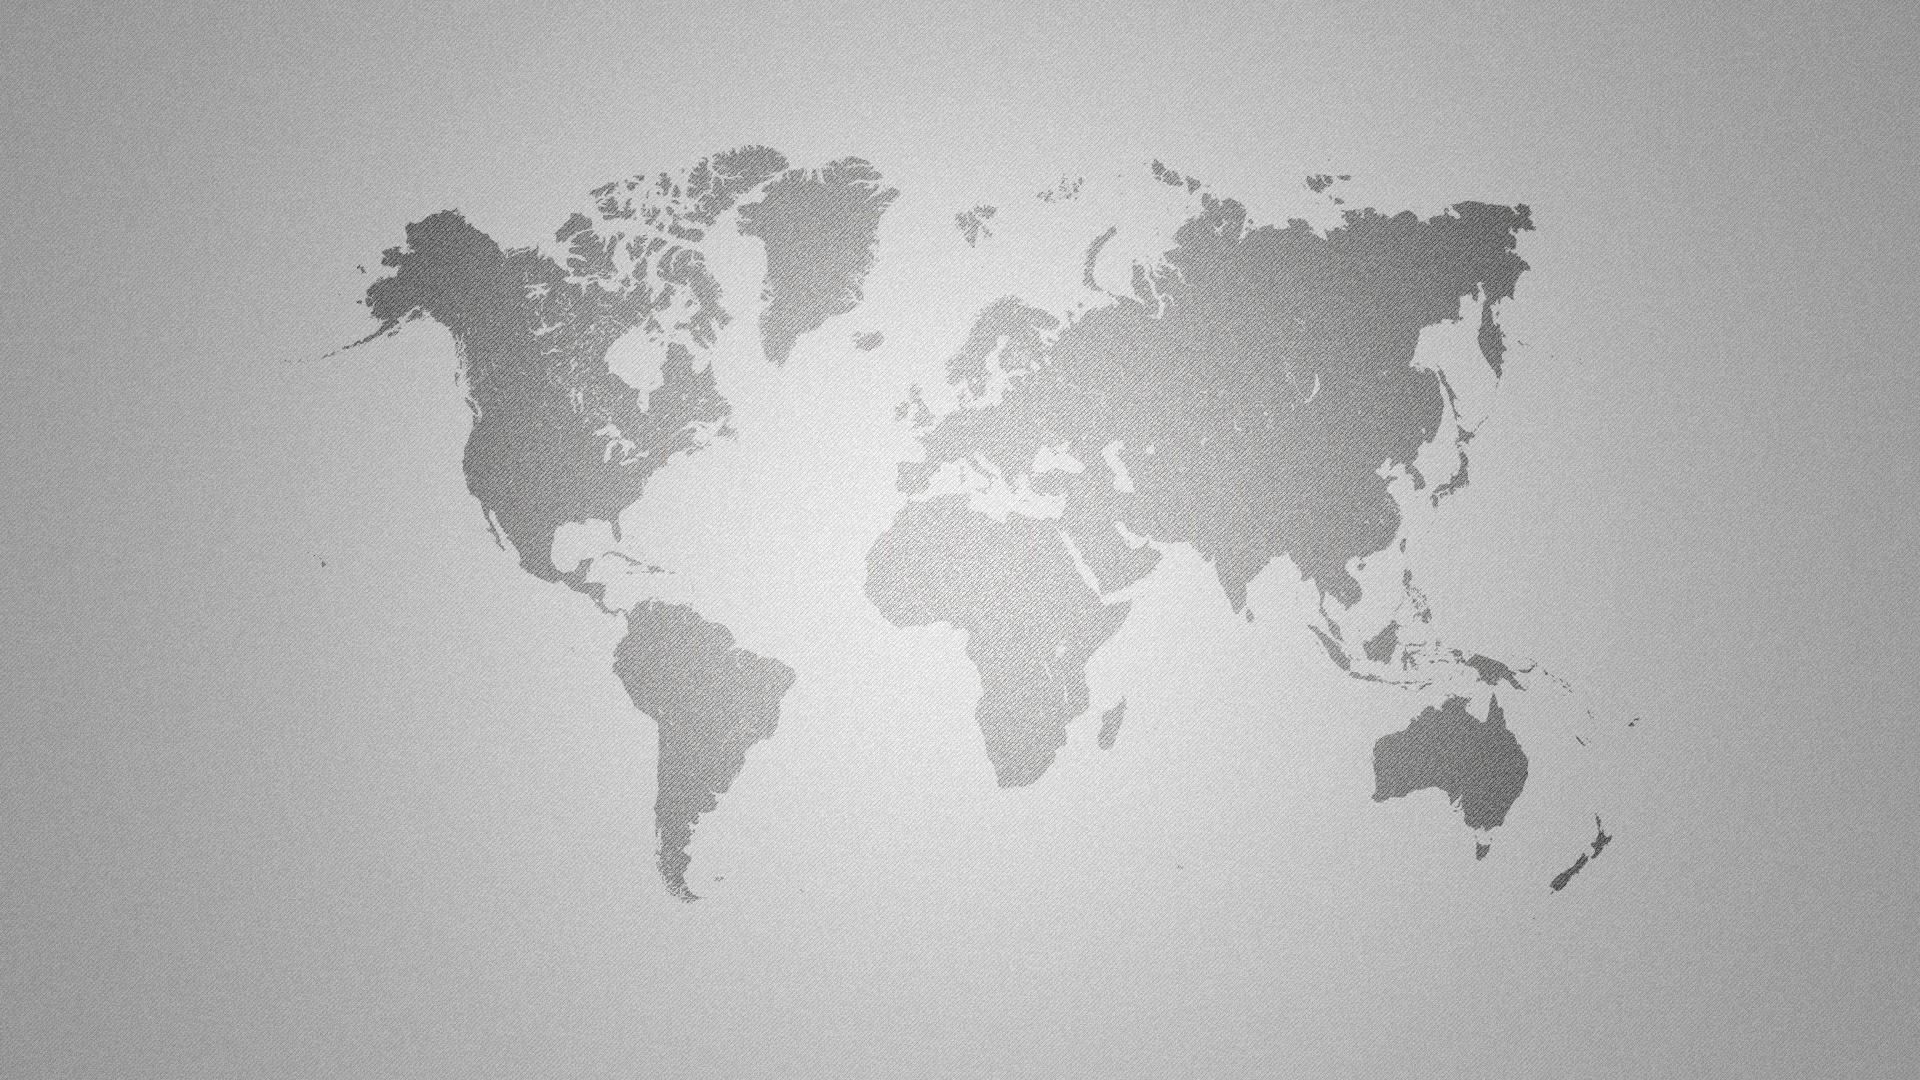 Cartina Geografica Del Mondo In Bianco E Nero.Sfondi Disegno Bianca Illustrazione Monocromo Carta Geografica Mappa Del Mondo Ala Schizzo Bianco E Nero Fotografia In Bianco E Nero Font 1920x1080 Rsd 231981 Sfondi Gratis Wallhere